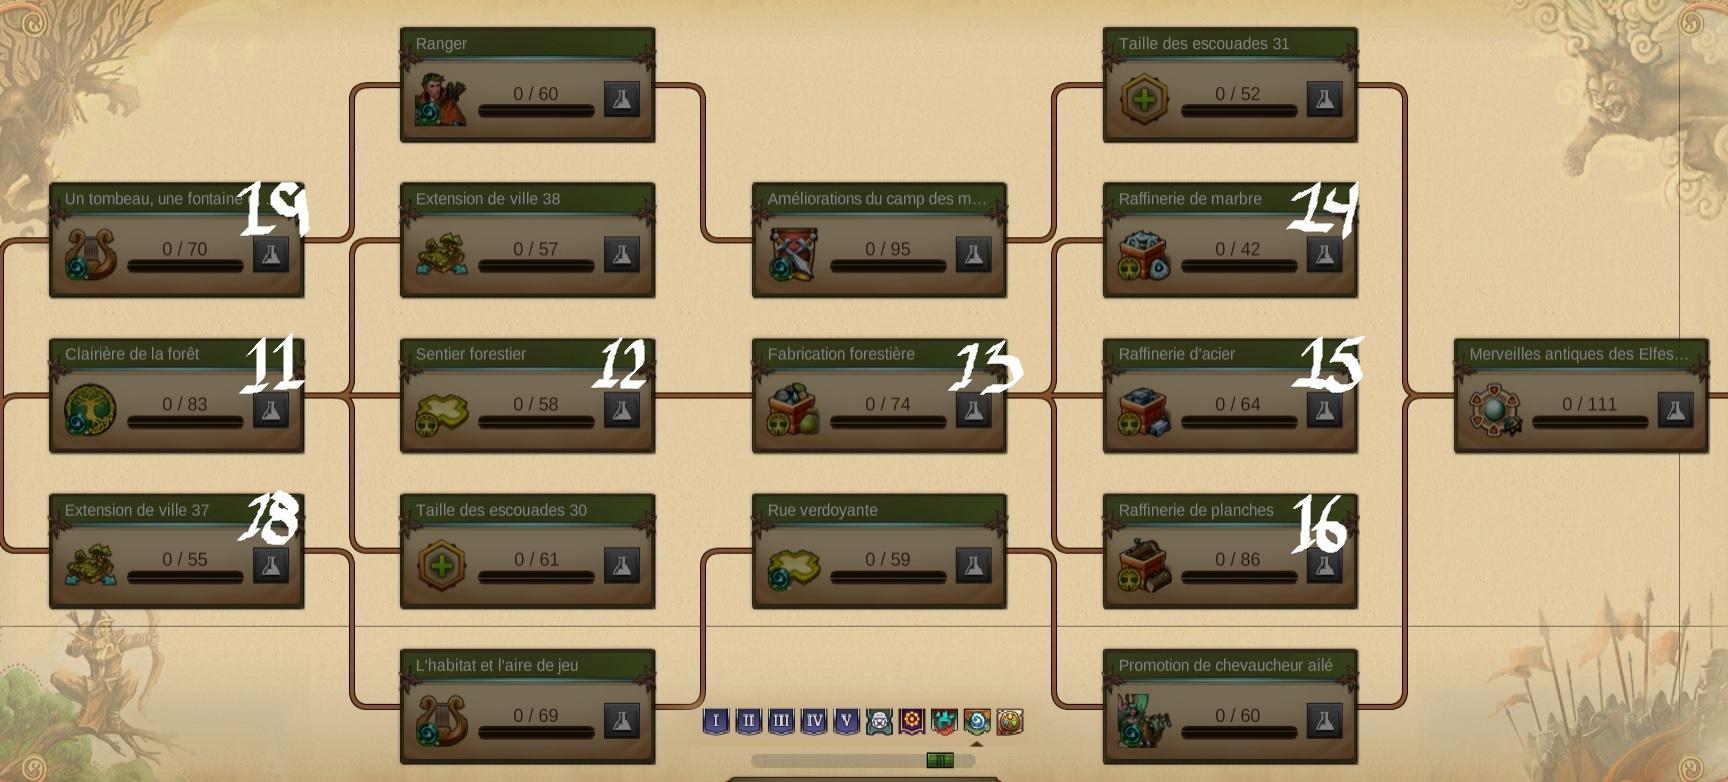 Plan de match pour l'ère des Elfes sylvains 2.jpg